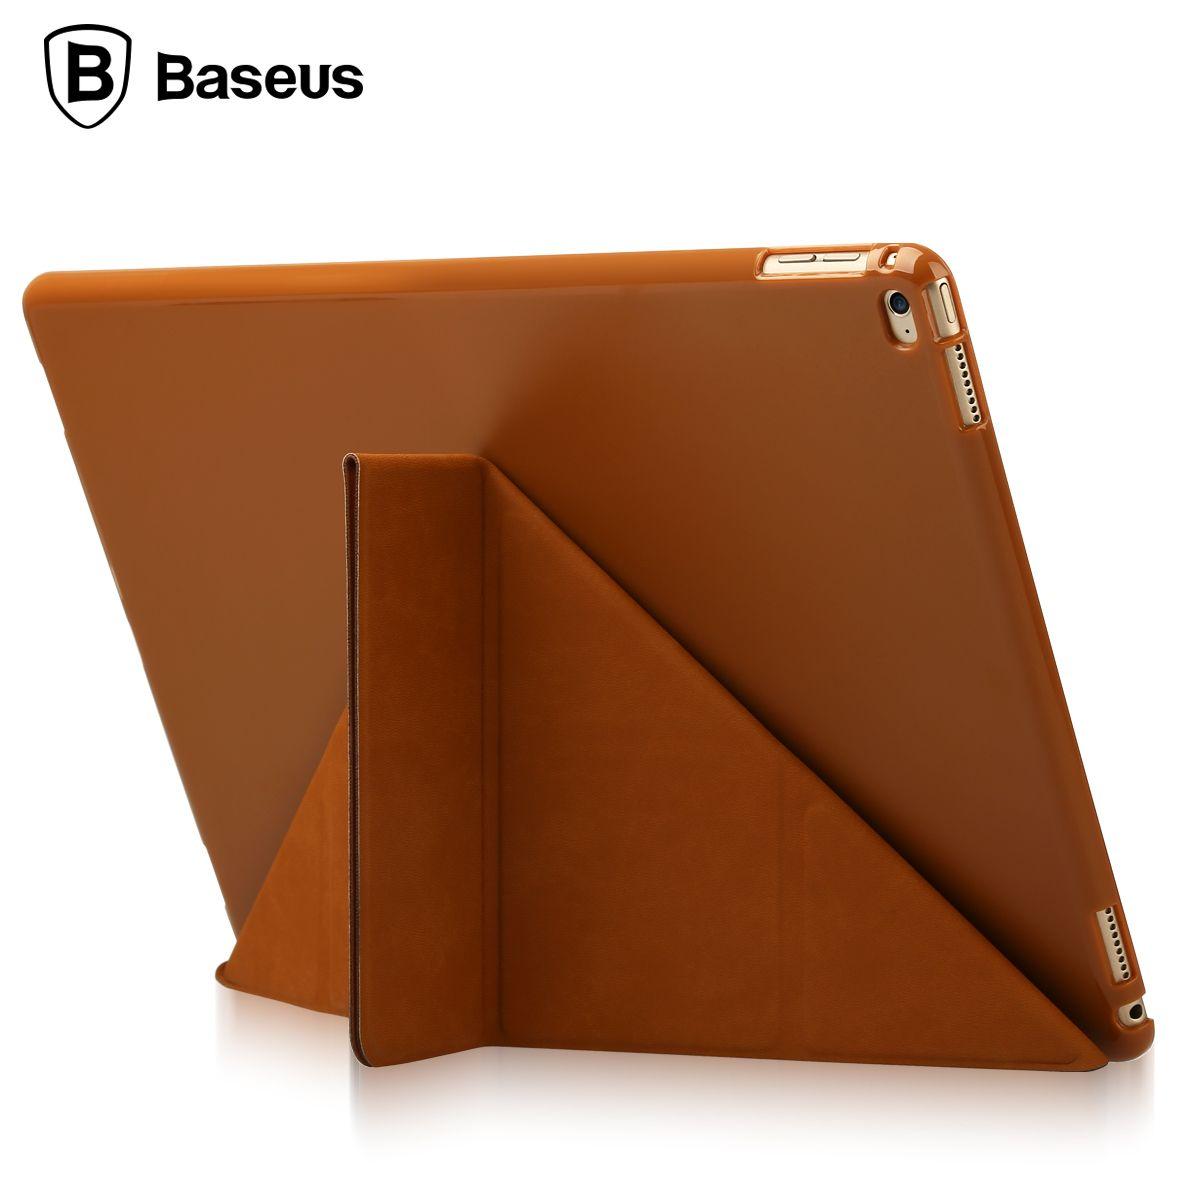 Baseus для iPad Pro 12.9 дюймов чехол Магнитный Тонкий складной всего тела кожаный чехол с подставкой держатель для Apple iPad Pro 12.9